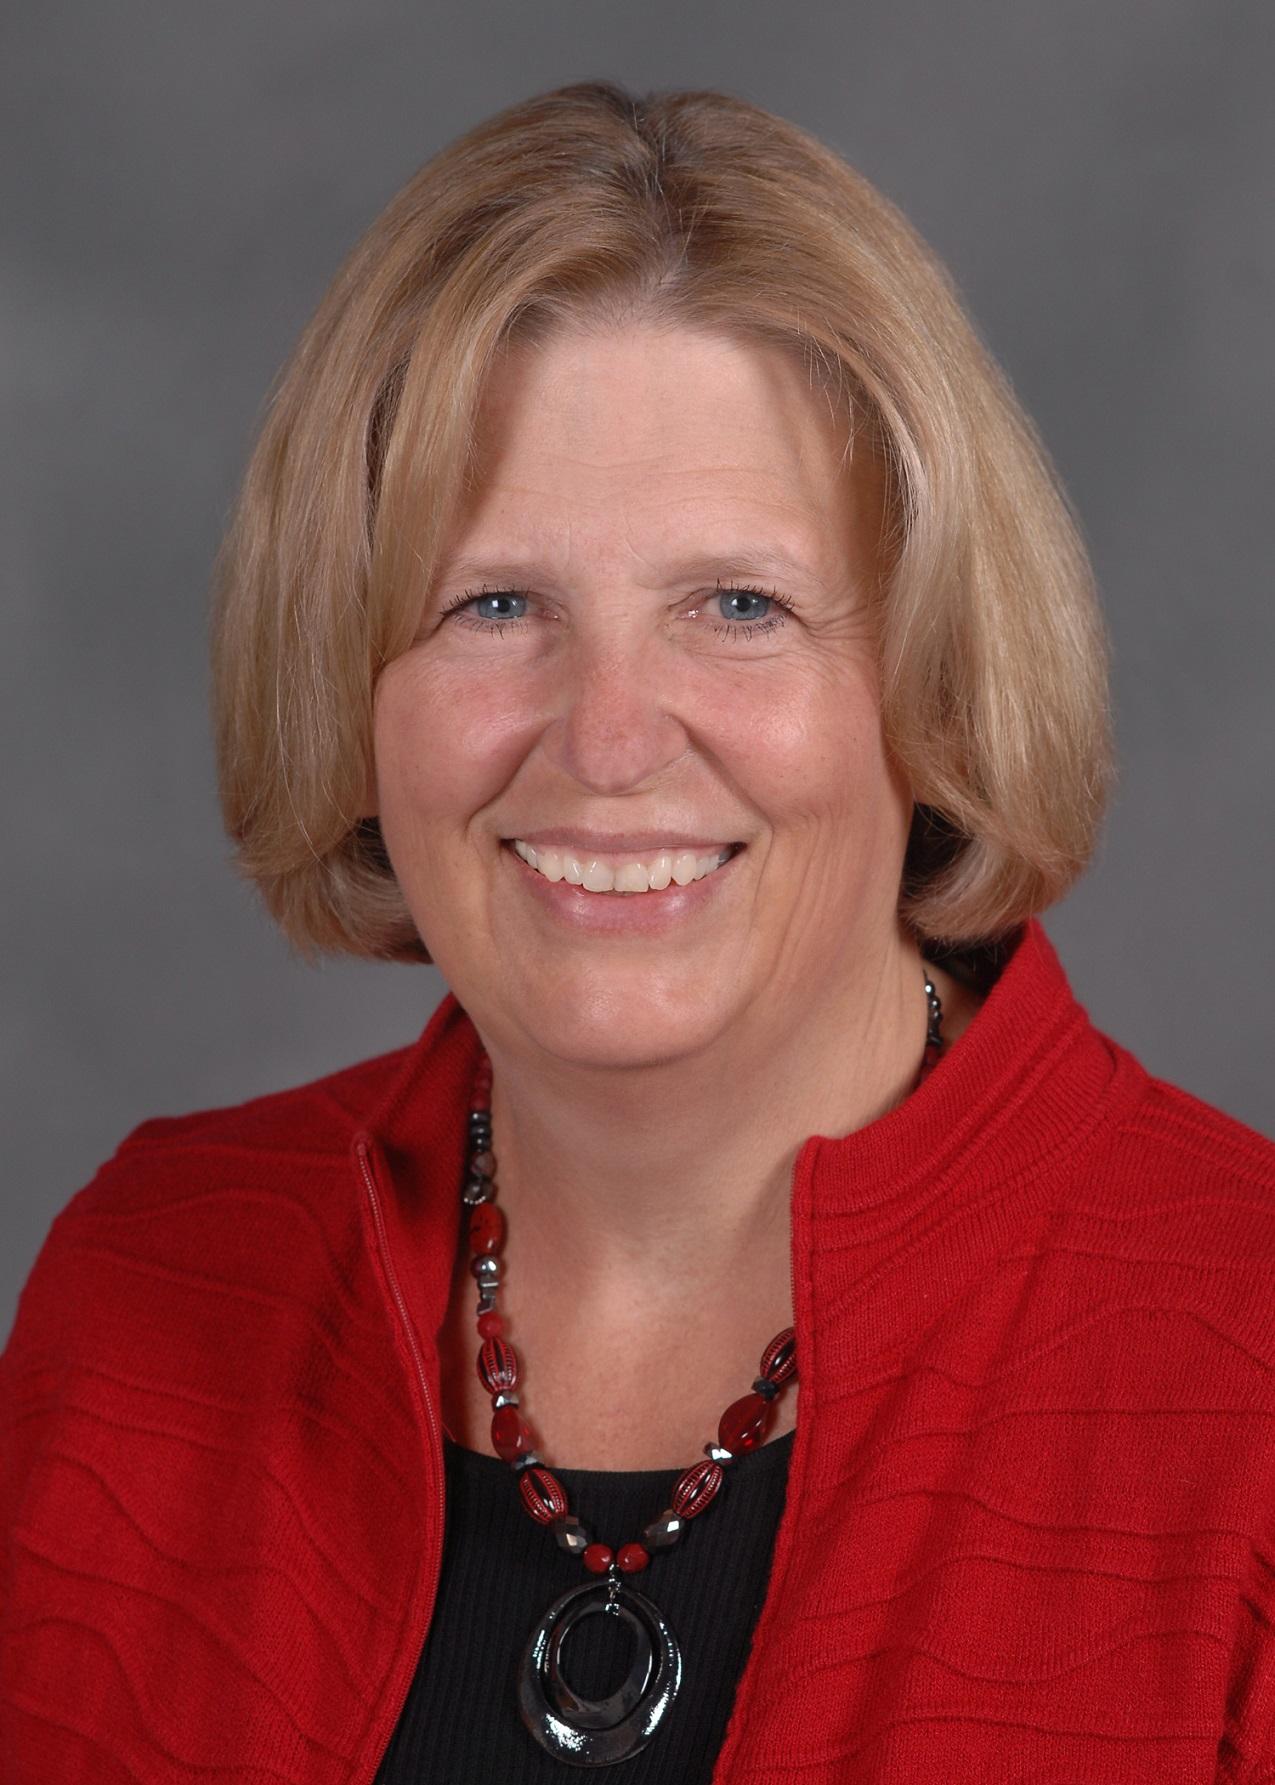 Photo of Linda Zucca